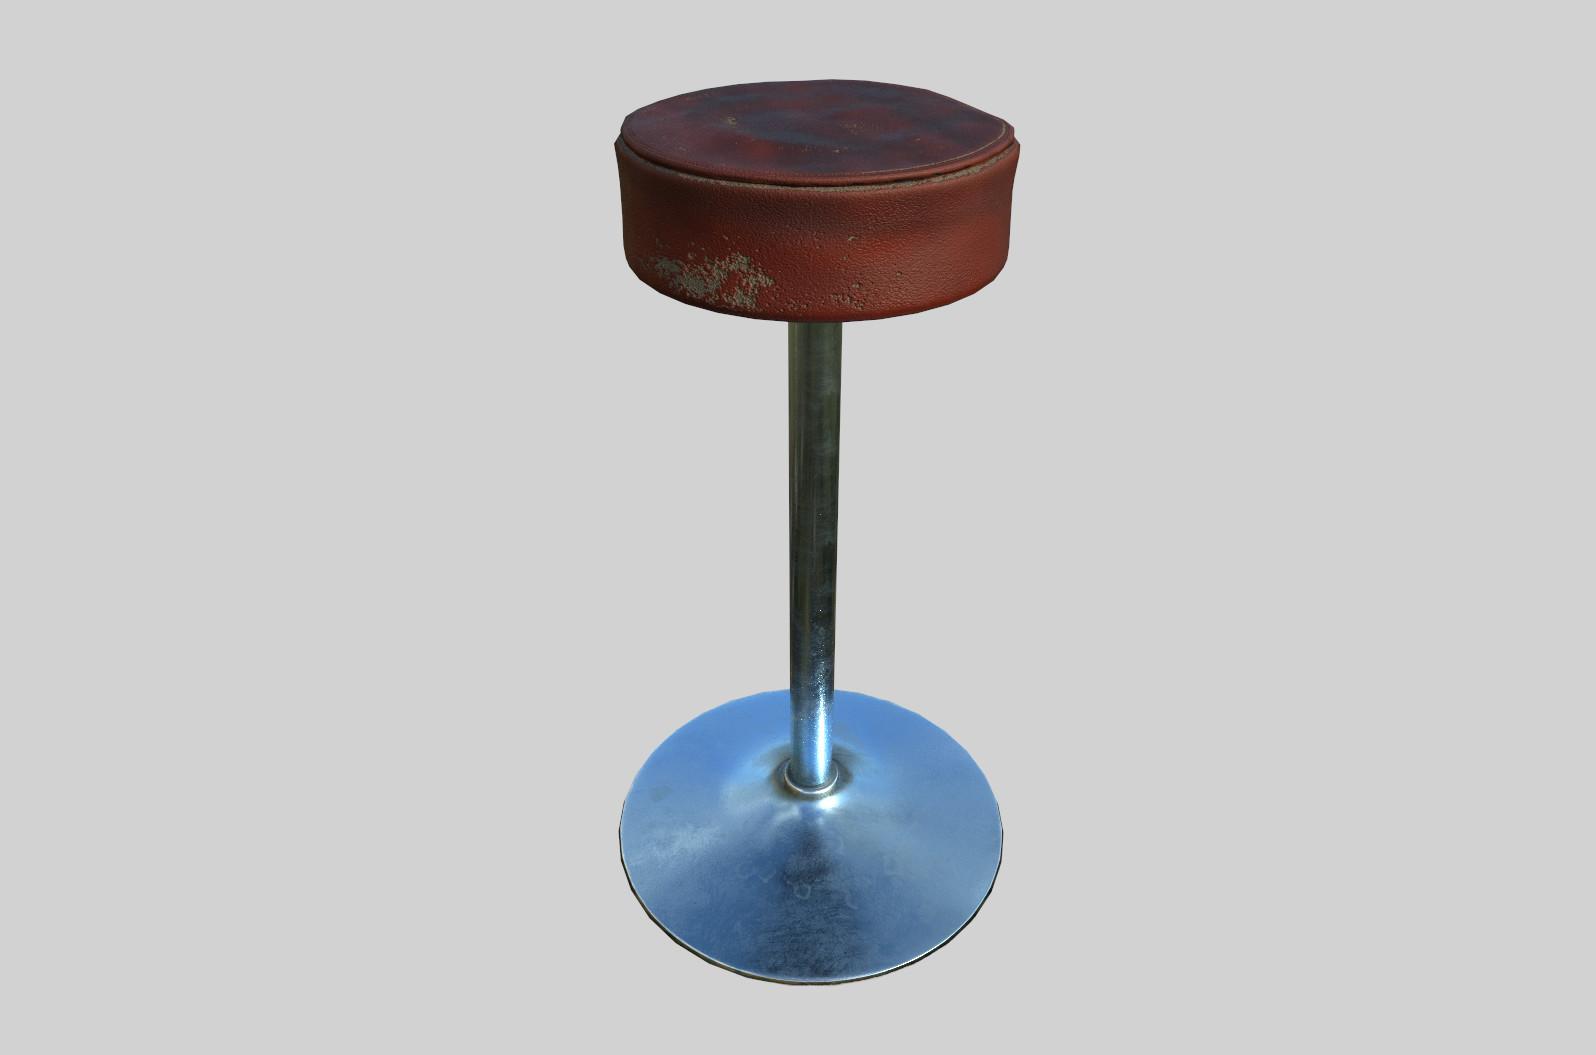 Ibrahim shahin stool